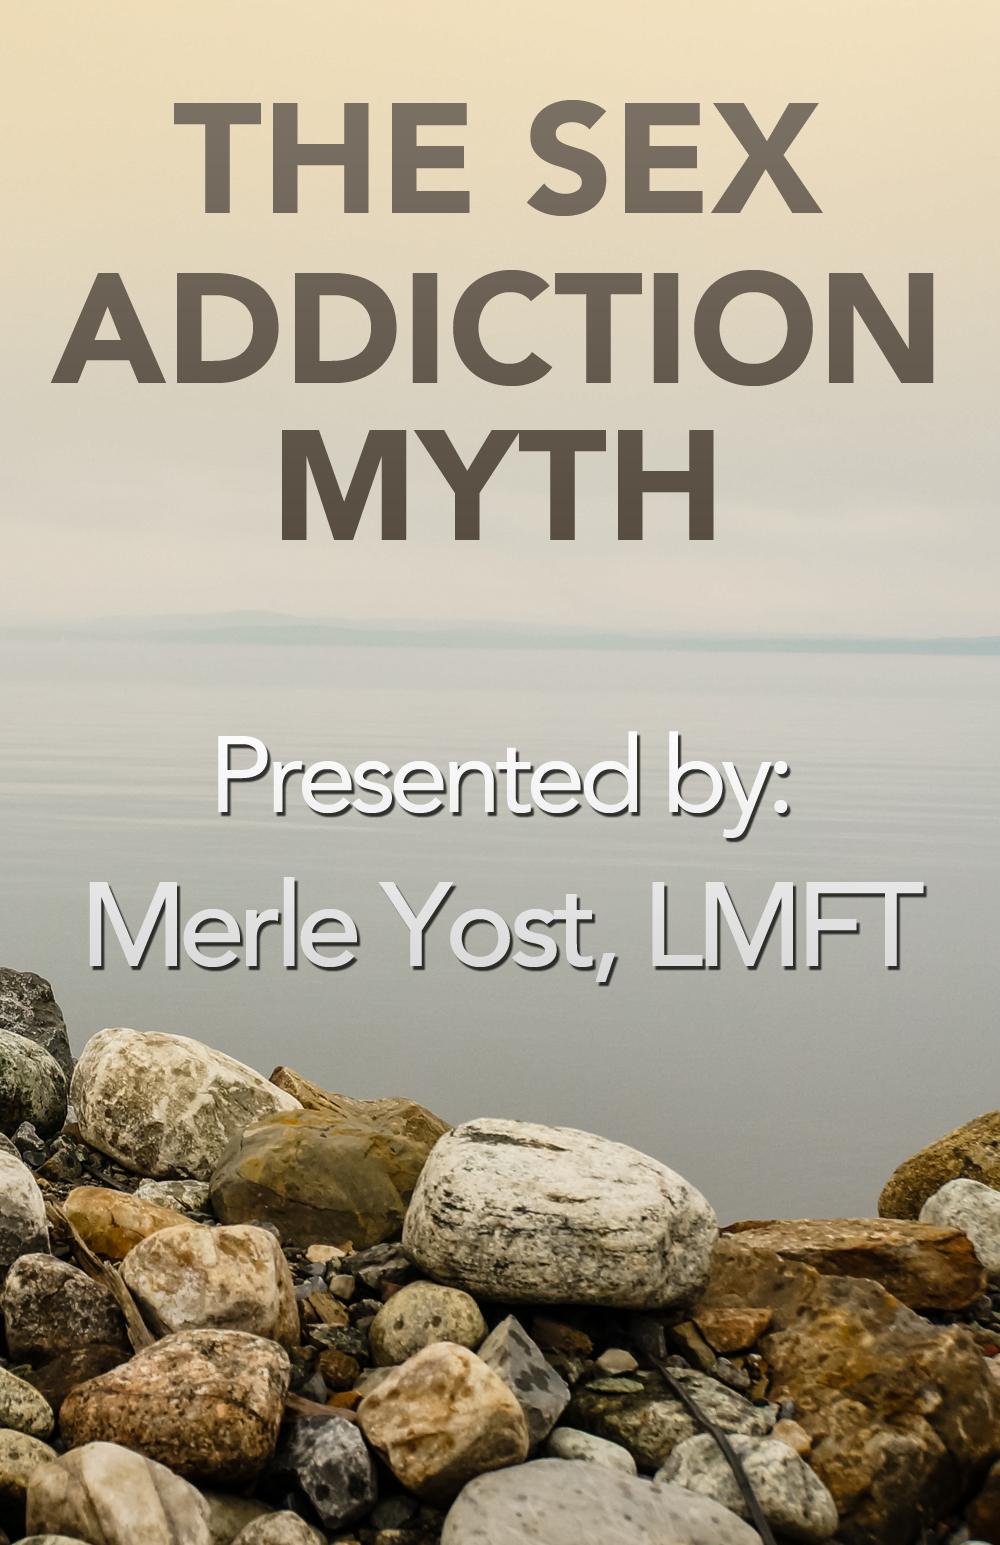 The Sex Addiction Myth Online Workshop Poster